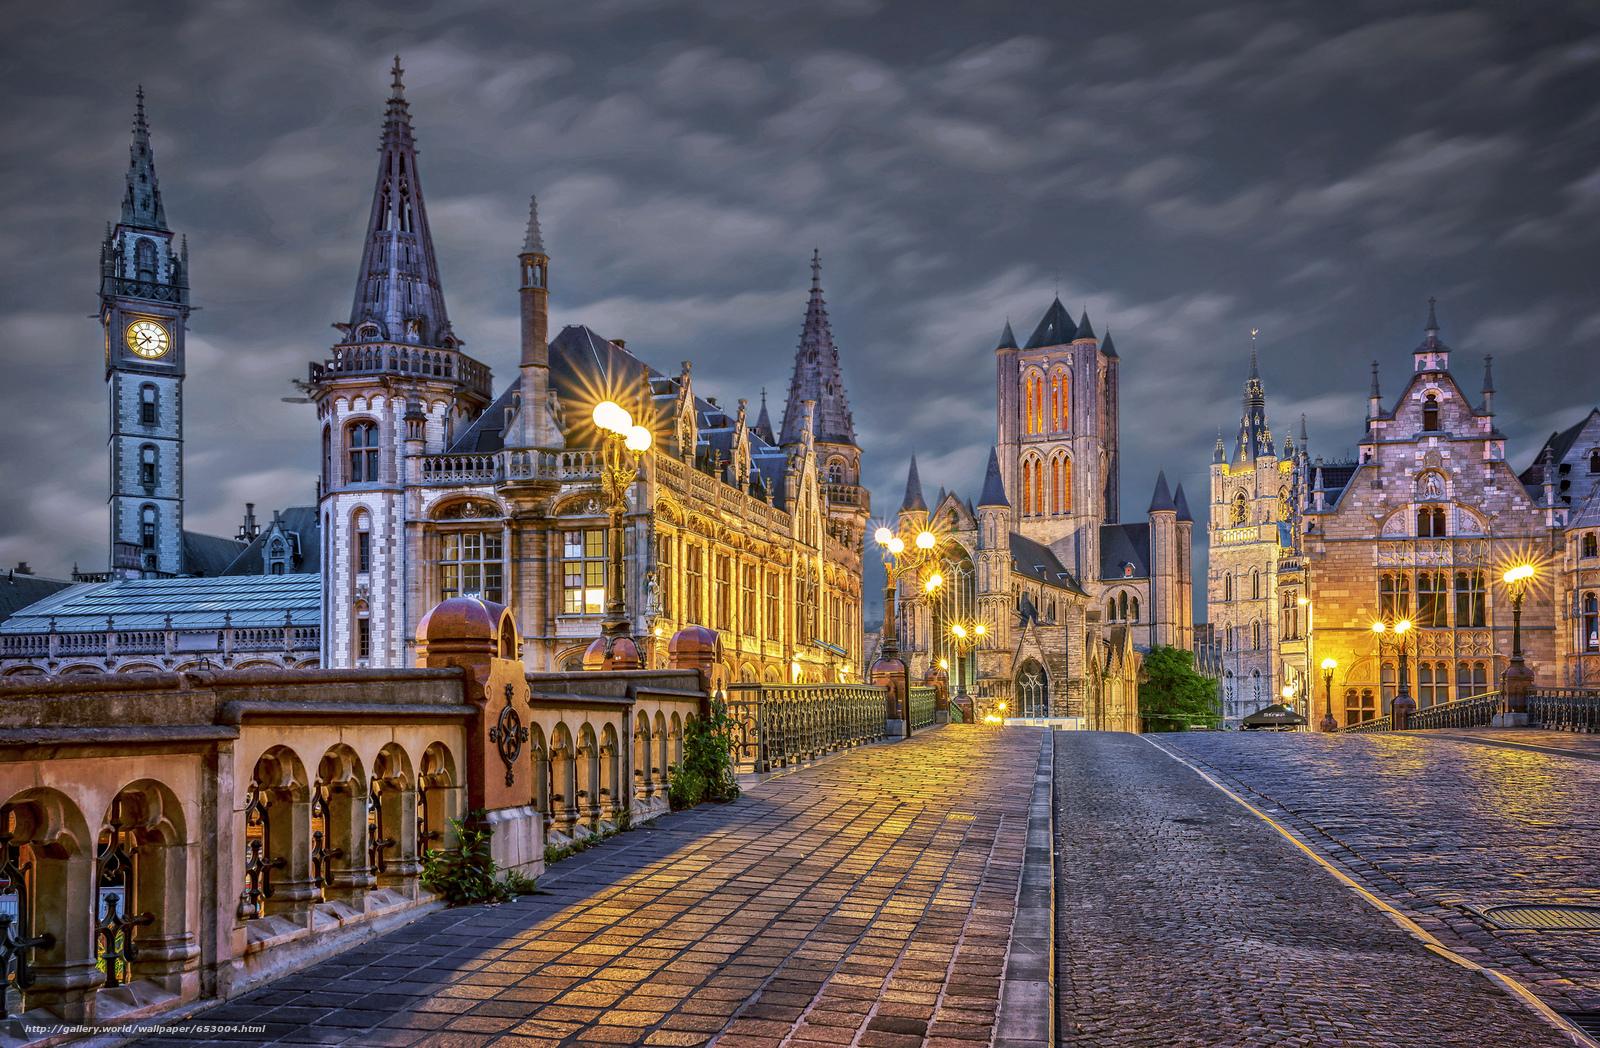 Download wallpaper gent ghent belgium city free desktop - Wallpaper picture ...